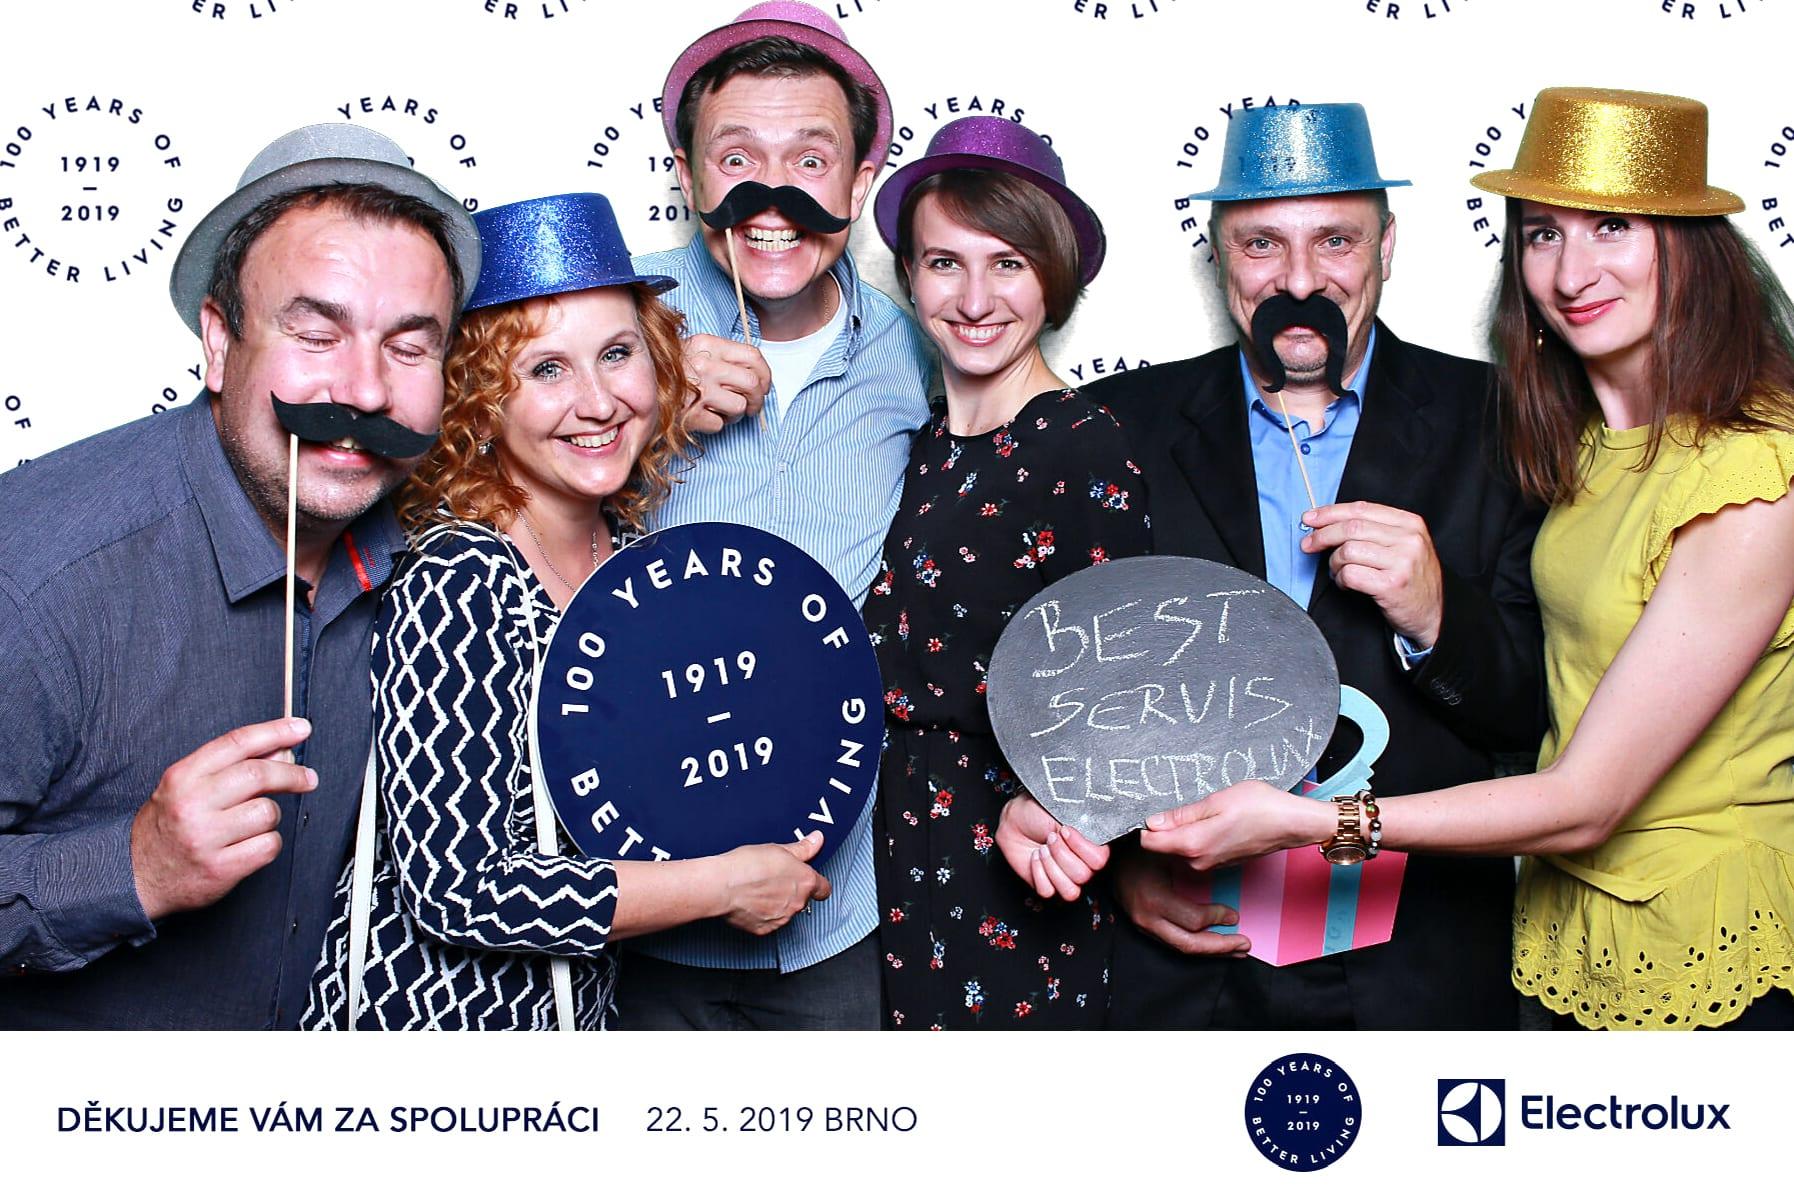 fotokoutek-brno-konference-elektrolux-22-5-2019-608050